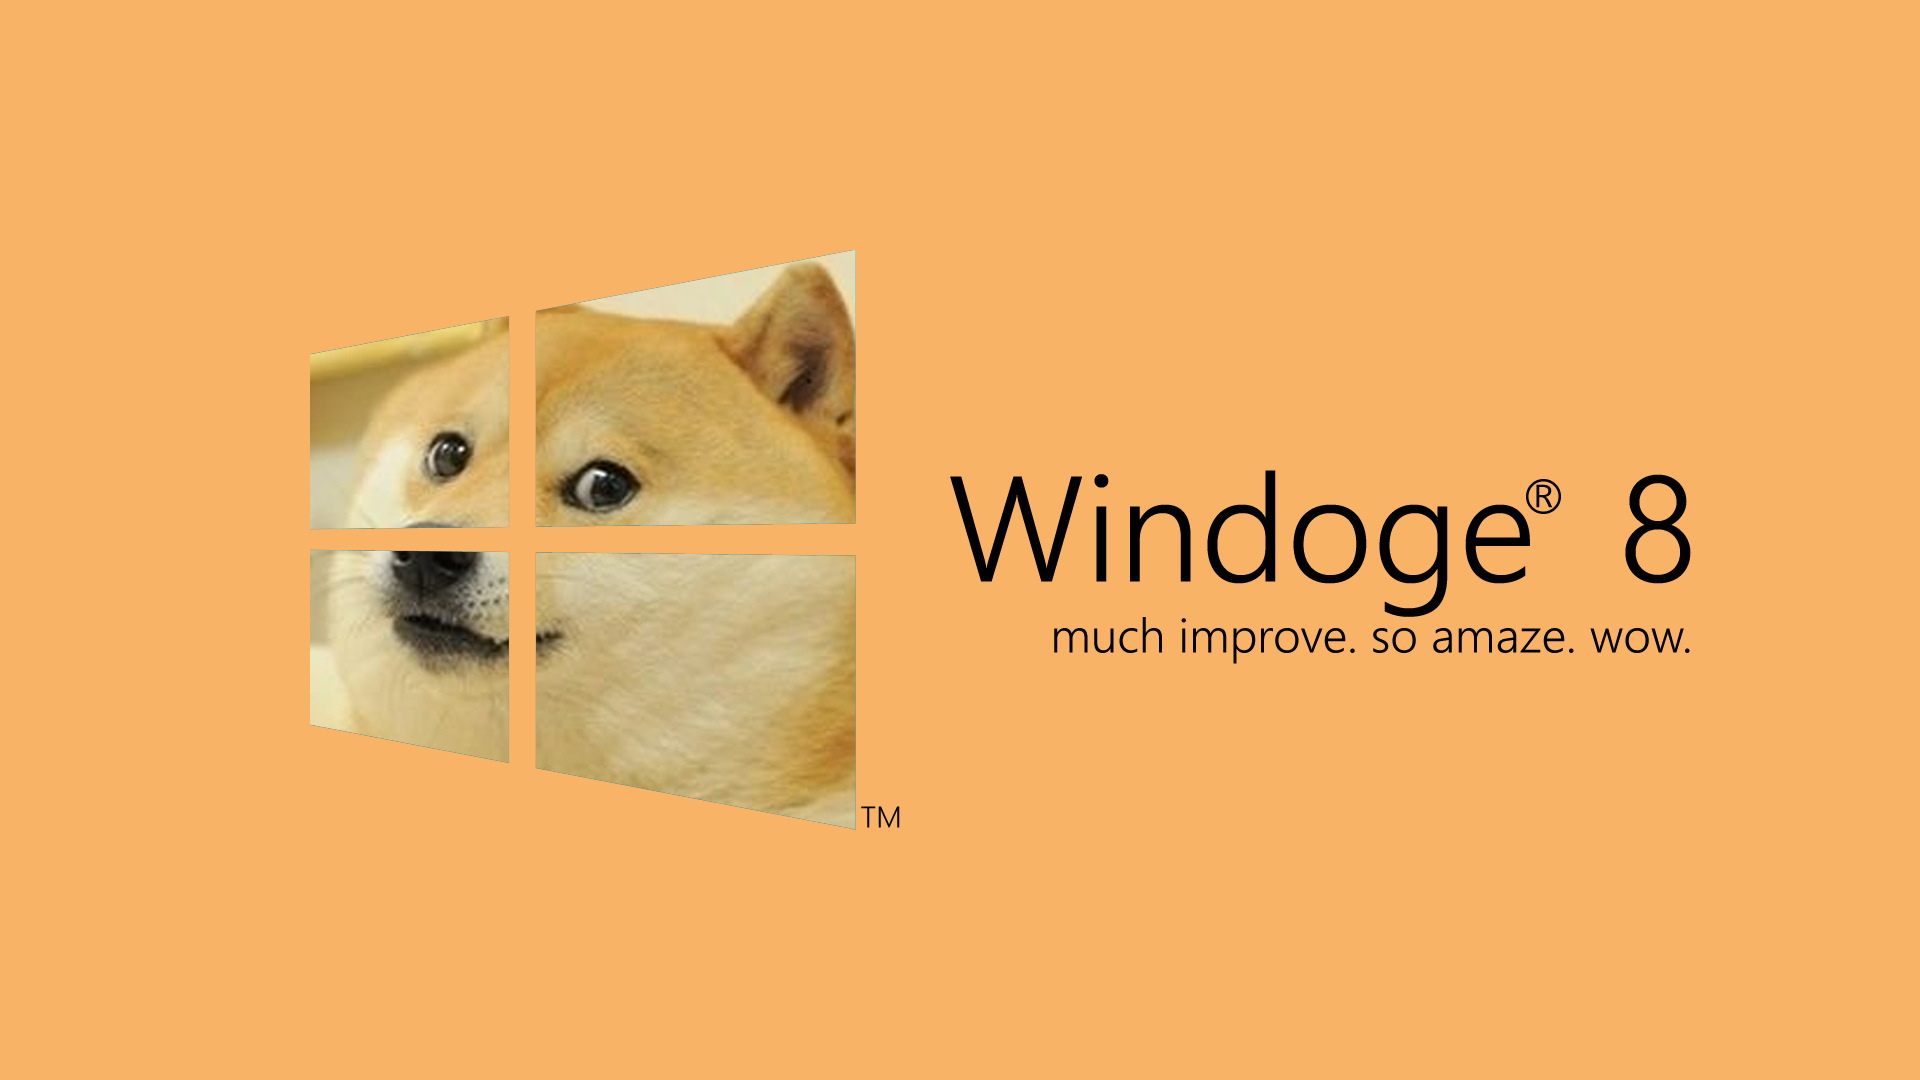 windoge-8